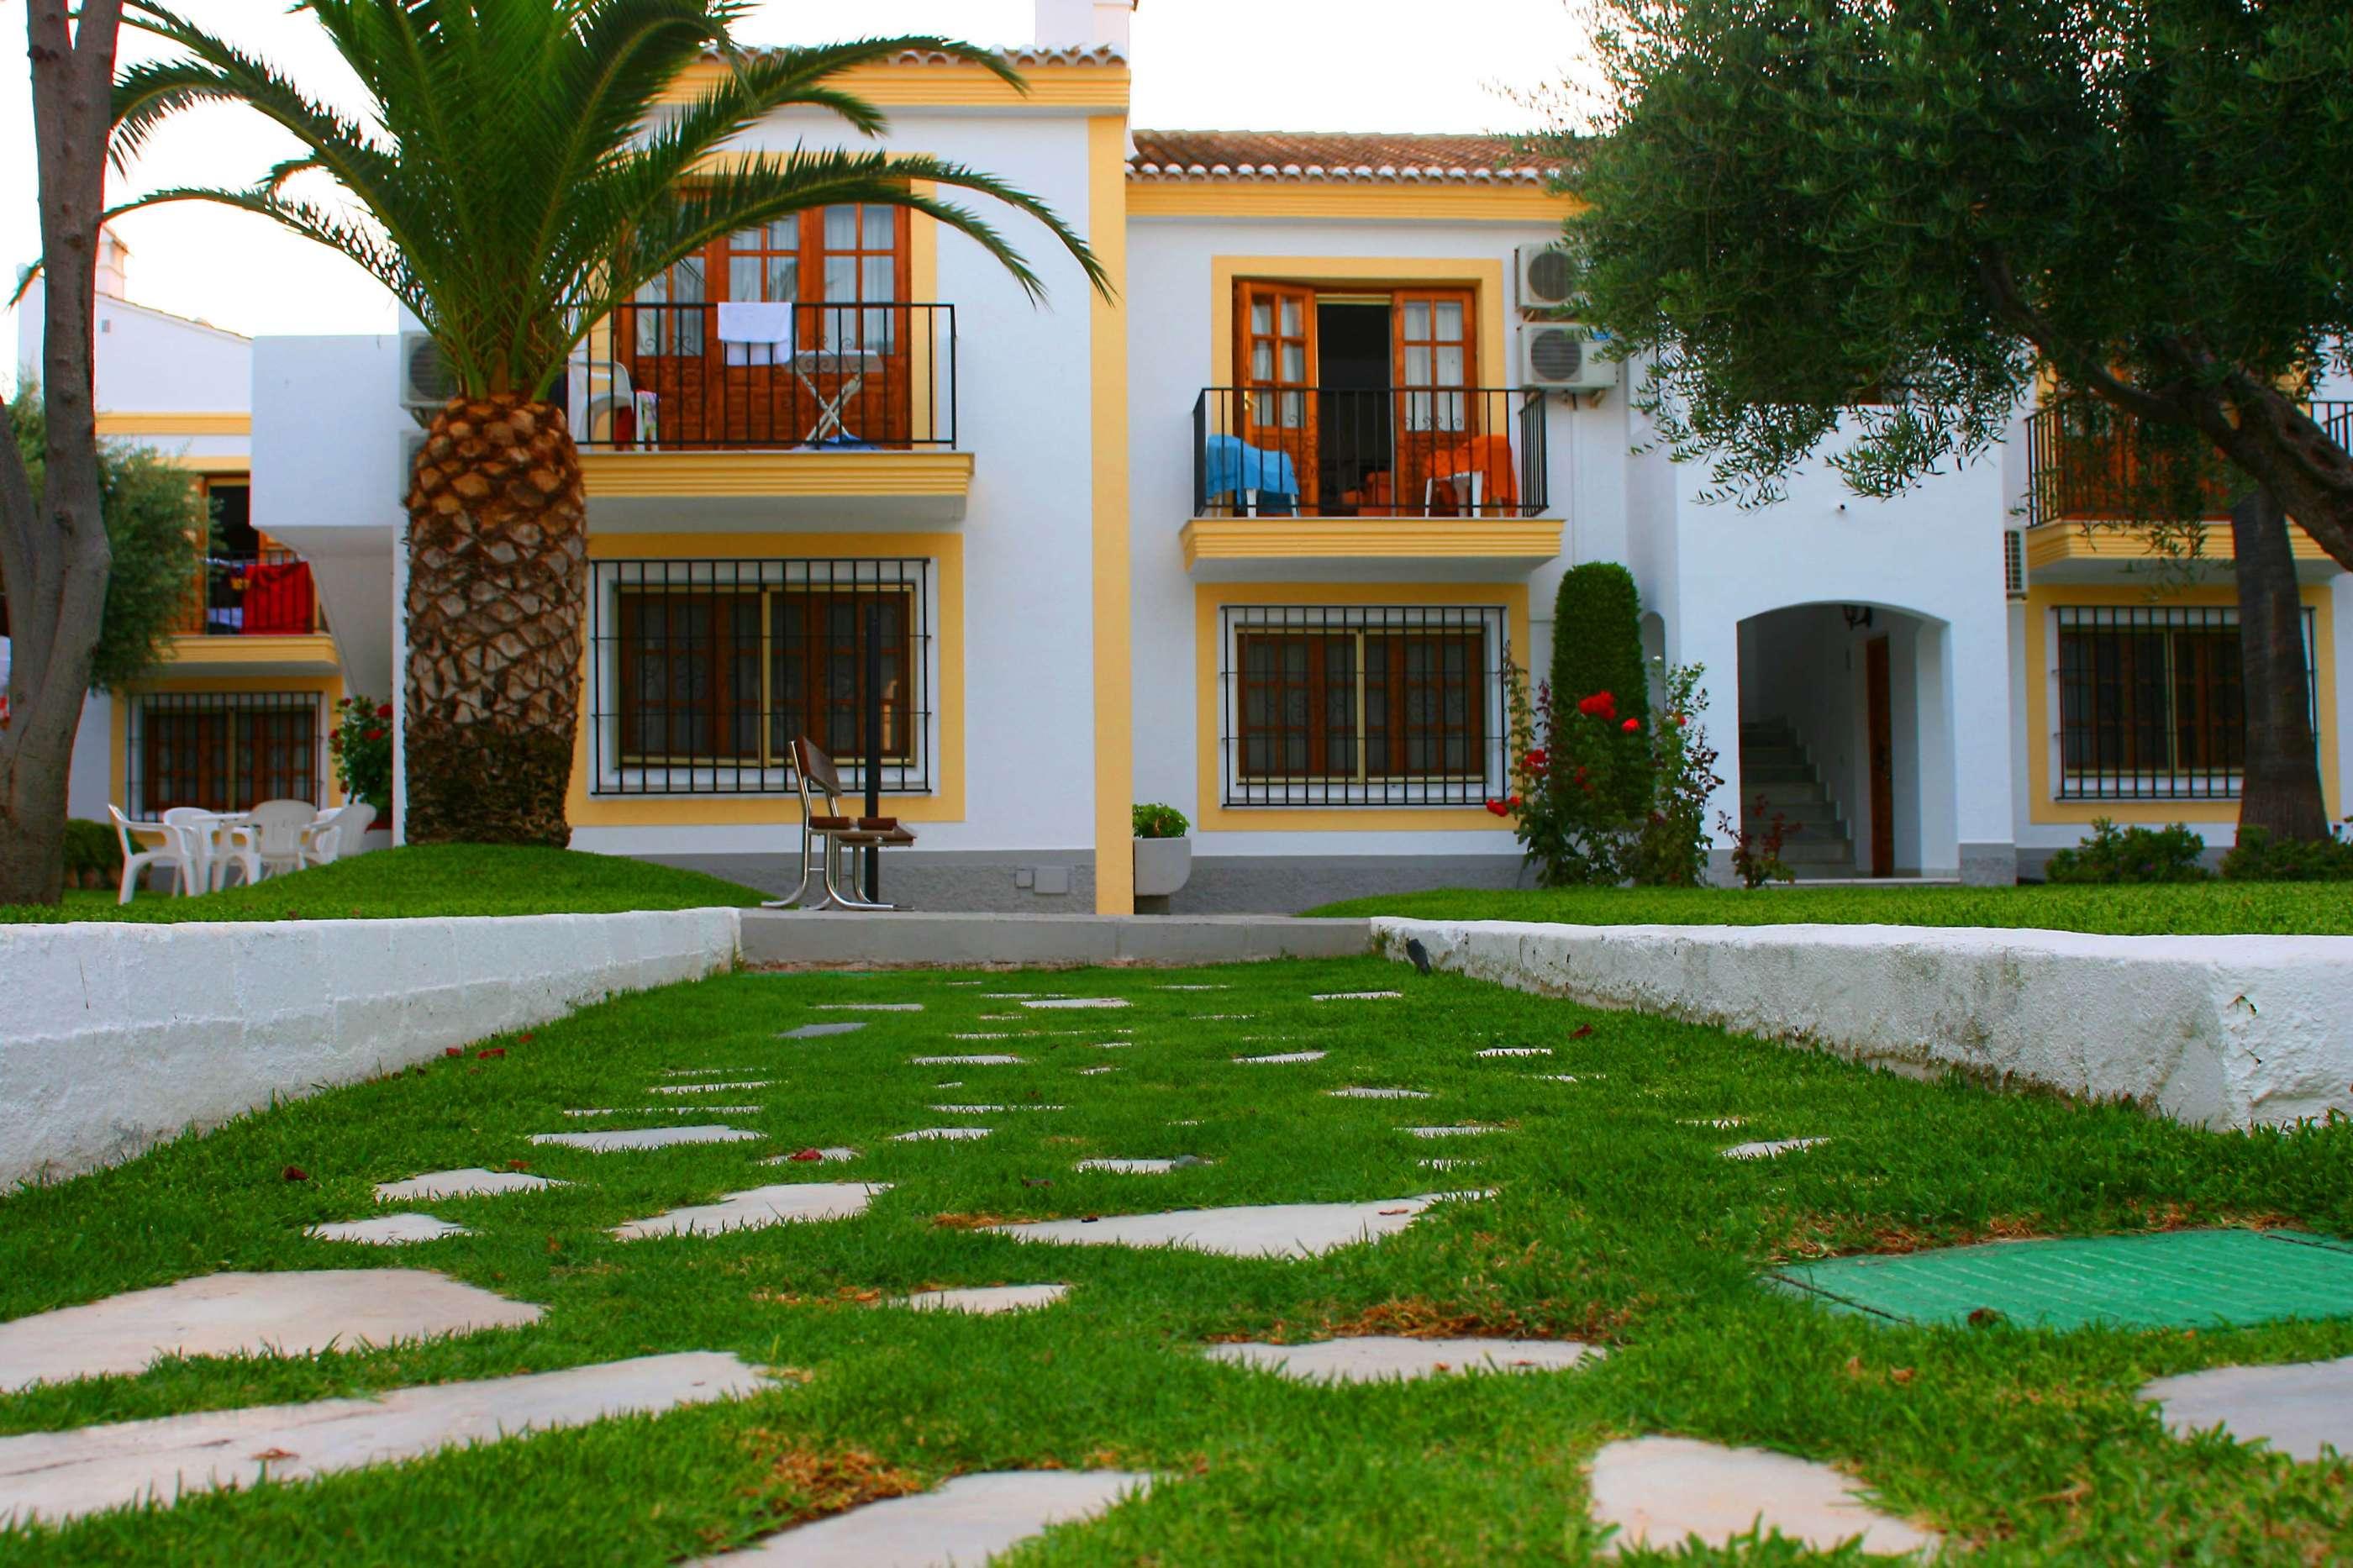 Jardin y casa fotos de tus vacaciones otras ciudades y for Casa jardin